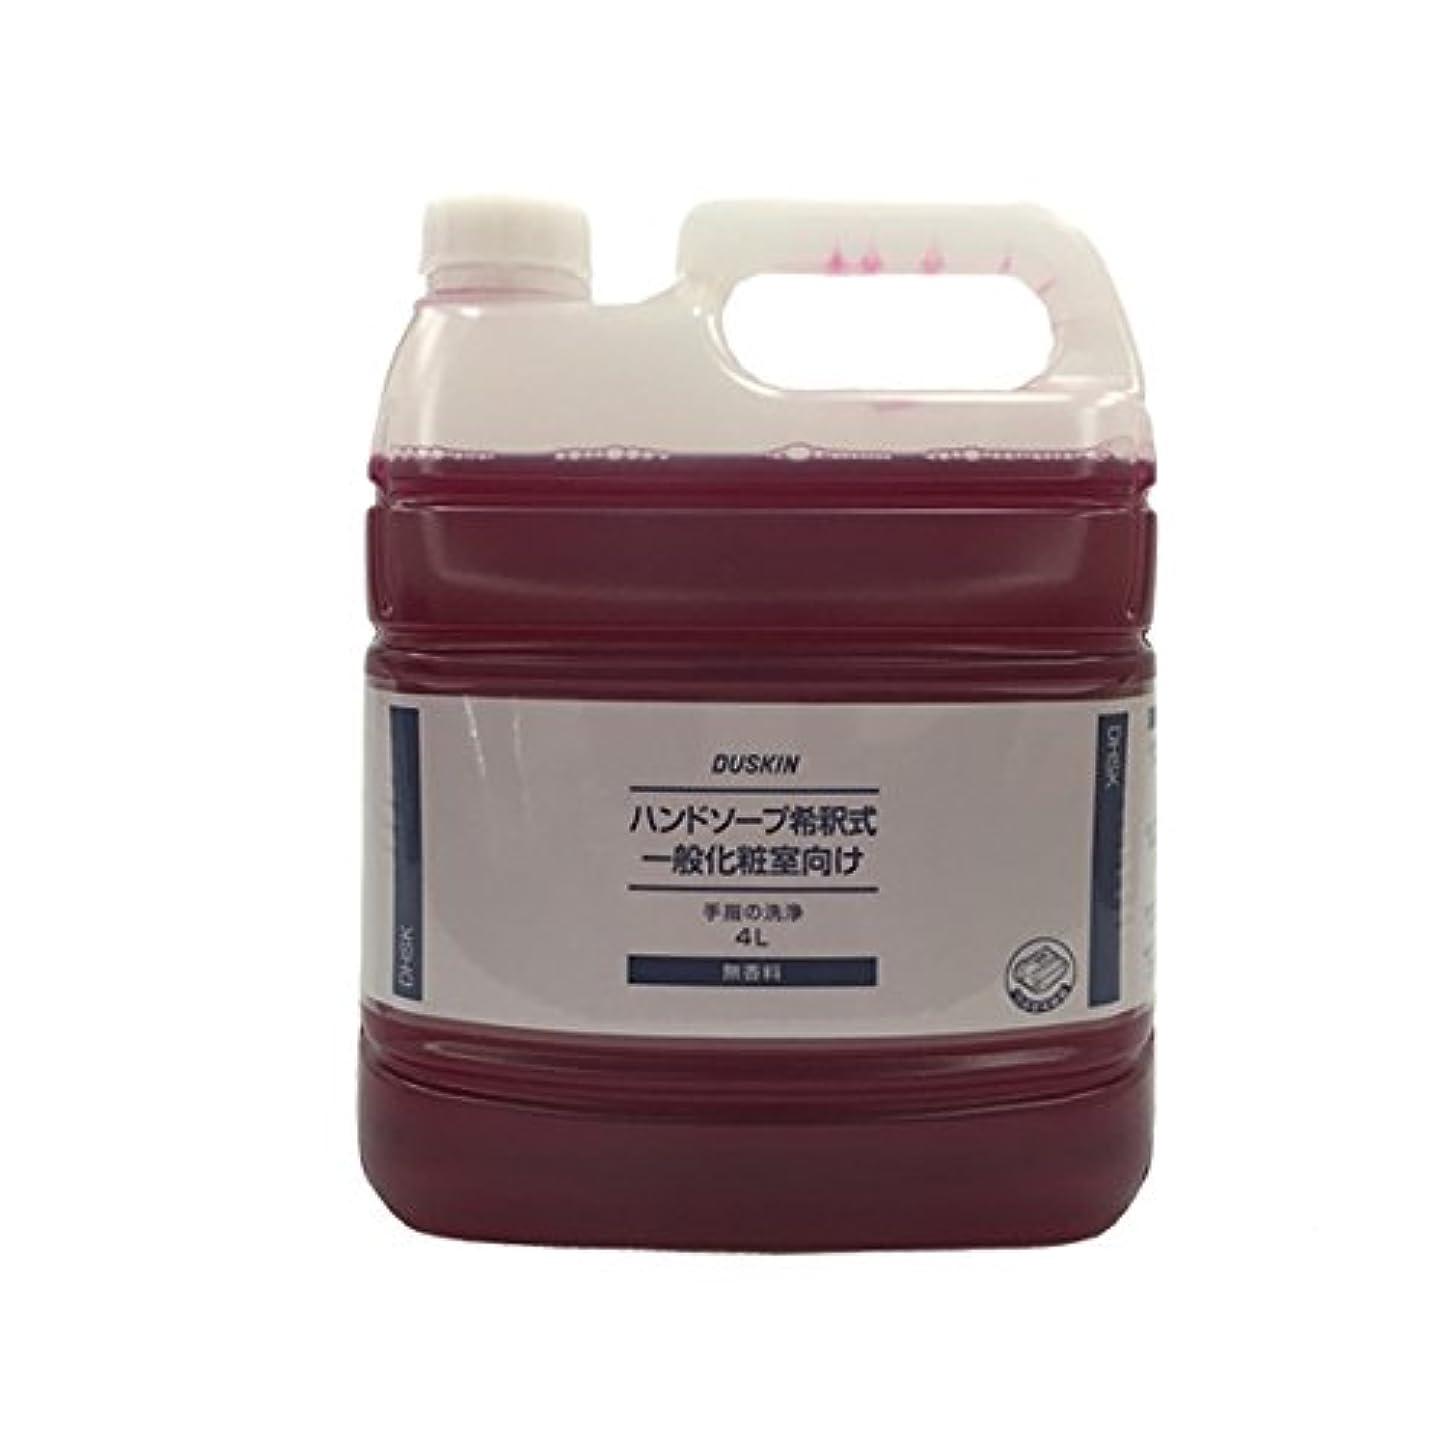 ハンカチ誕生つまずくダスキン ハンドソープ 希釈式 一般化粧室向け 4L 無香料 プッシュポンプ別売 専用ボトル ハンドスプレー別売